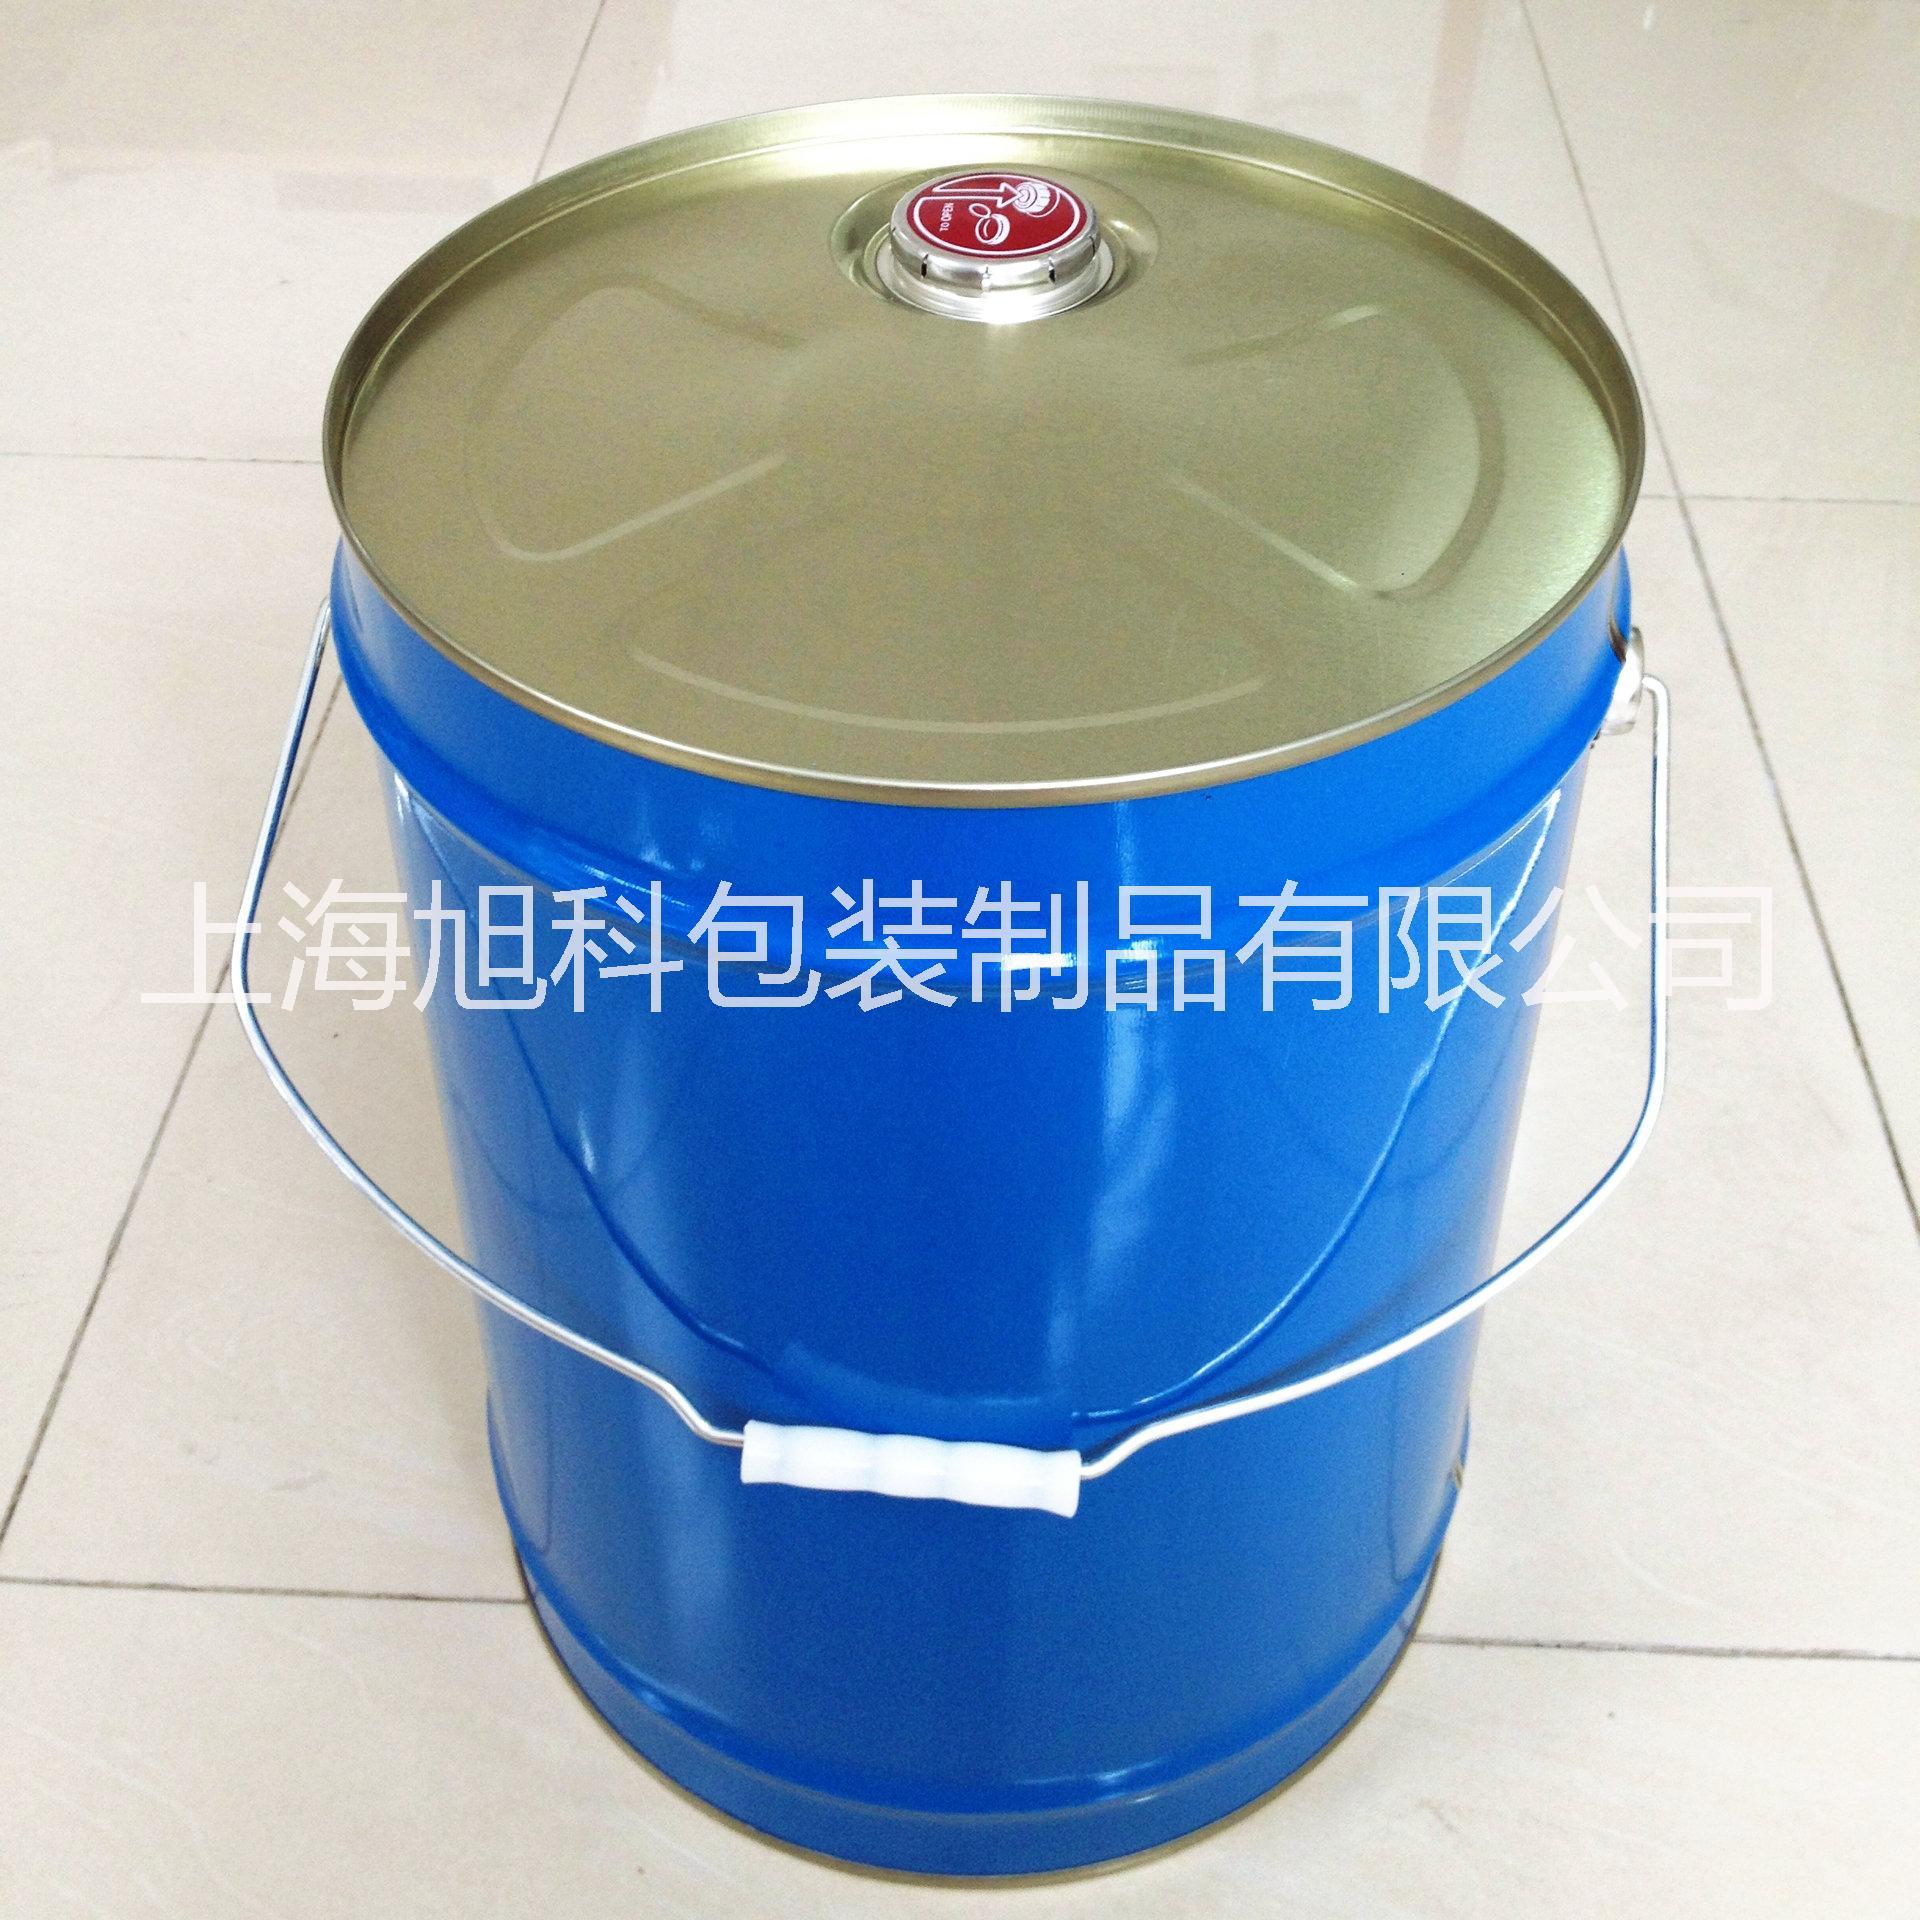 20L闭口桶化工溶剂桶20kg清洗剂切削液桶小铁桶定制加工